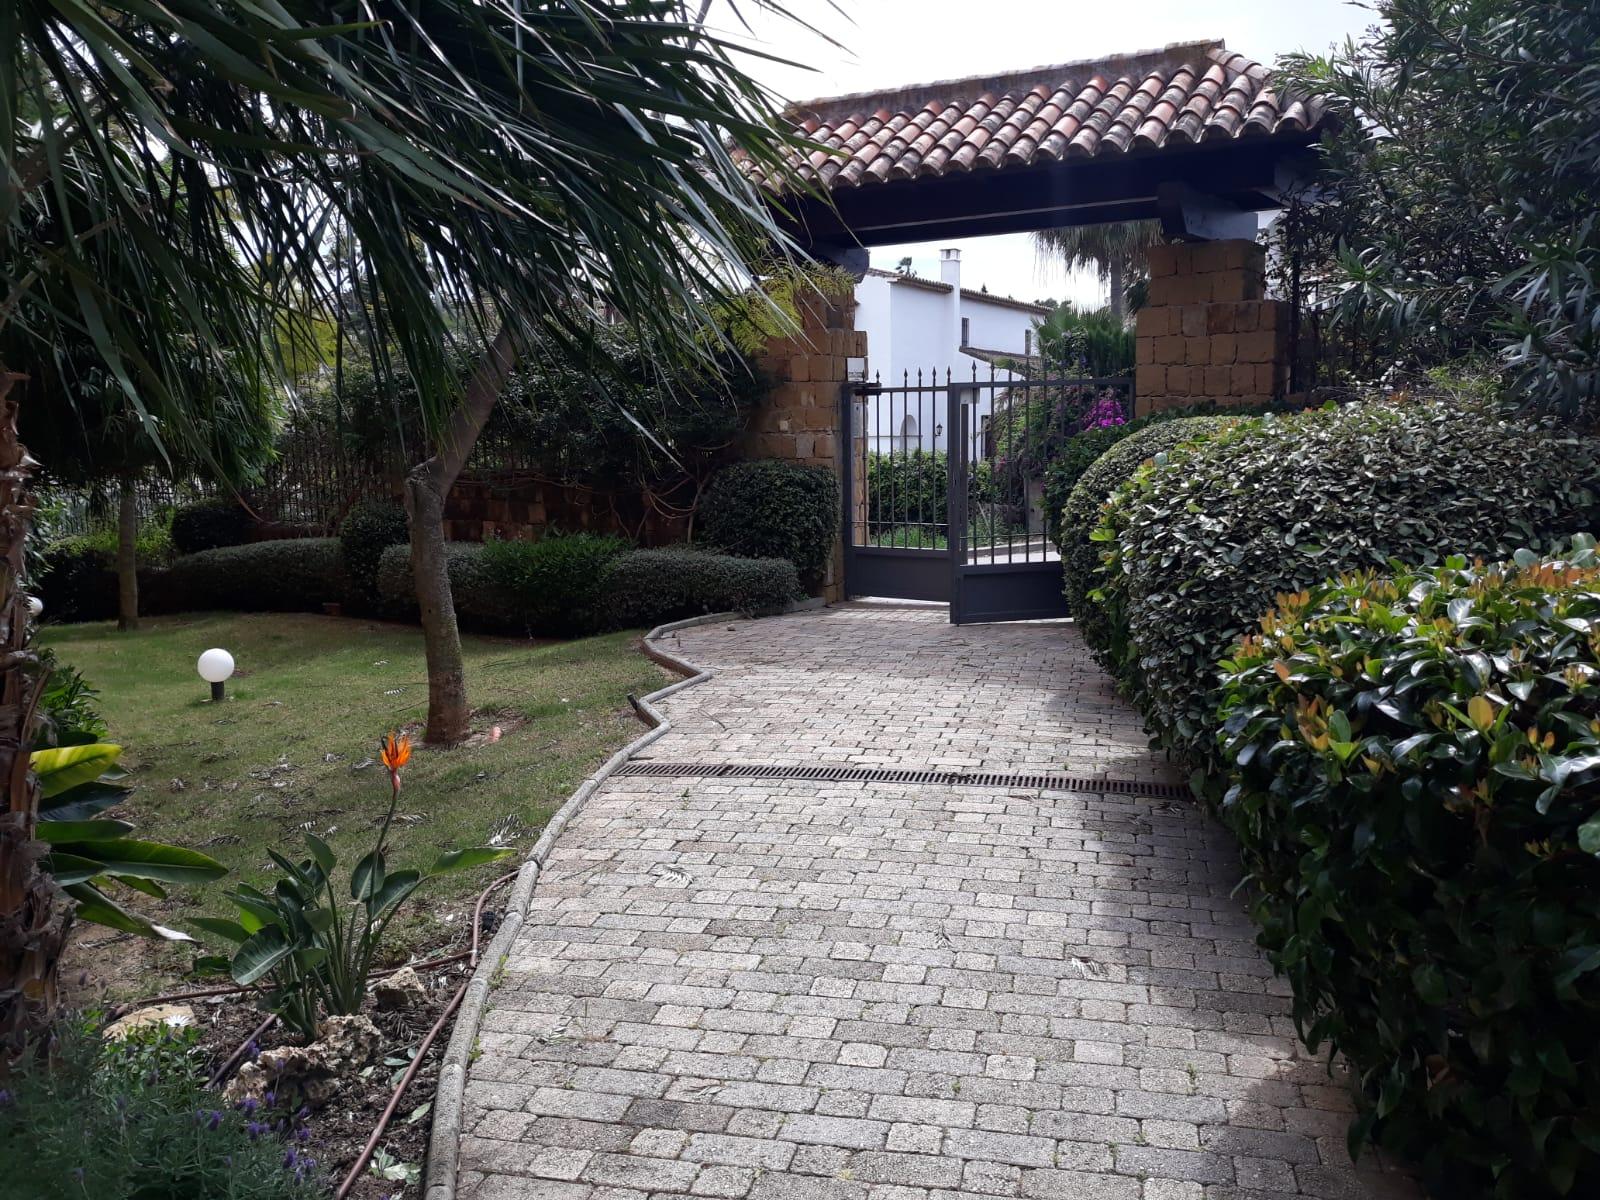 Piso en venta en Bahía Dorada, Estepona, Málaga, Calle Jardines de Nueva Galera, 203.000 €, 2 habitaciones, 2 baños, 122 m2